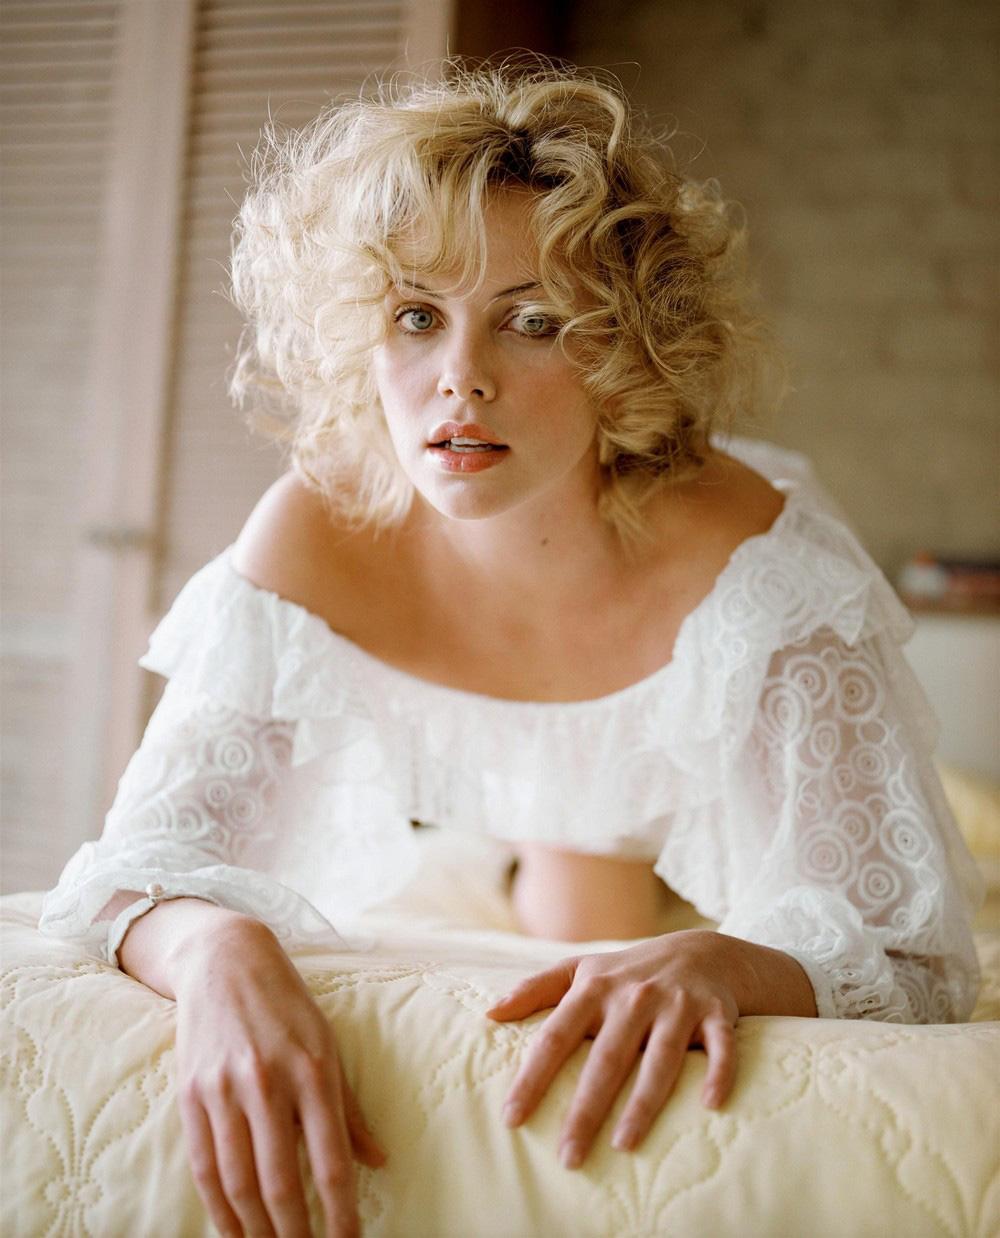 julia campbell actress nude